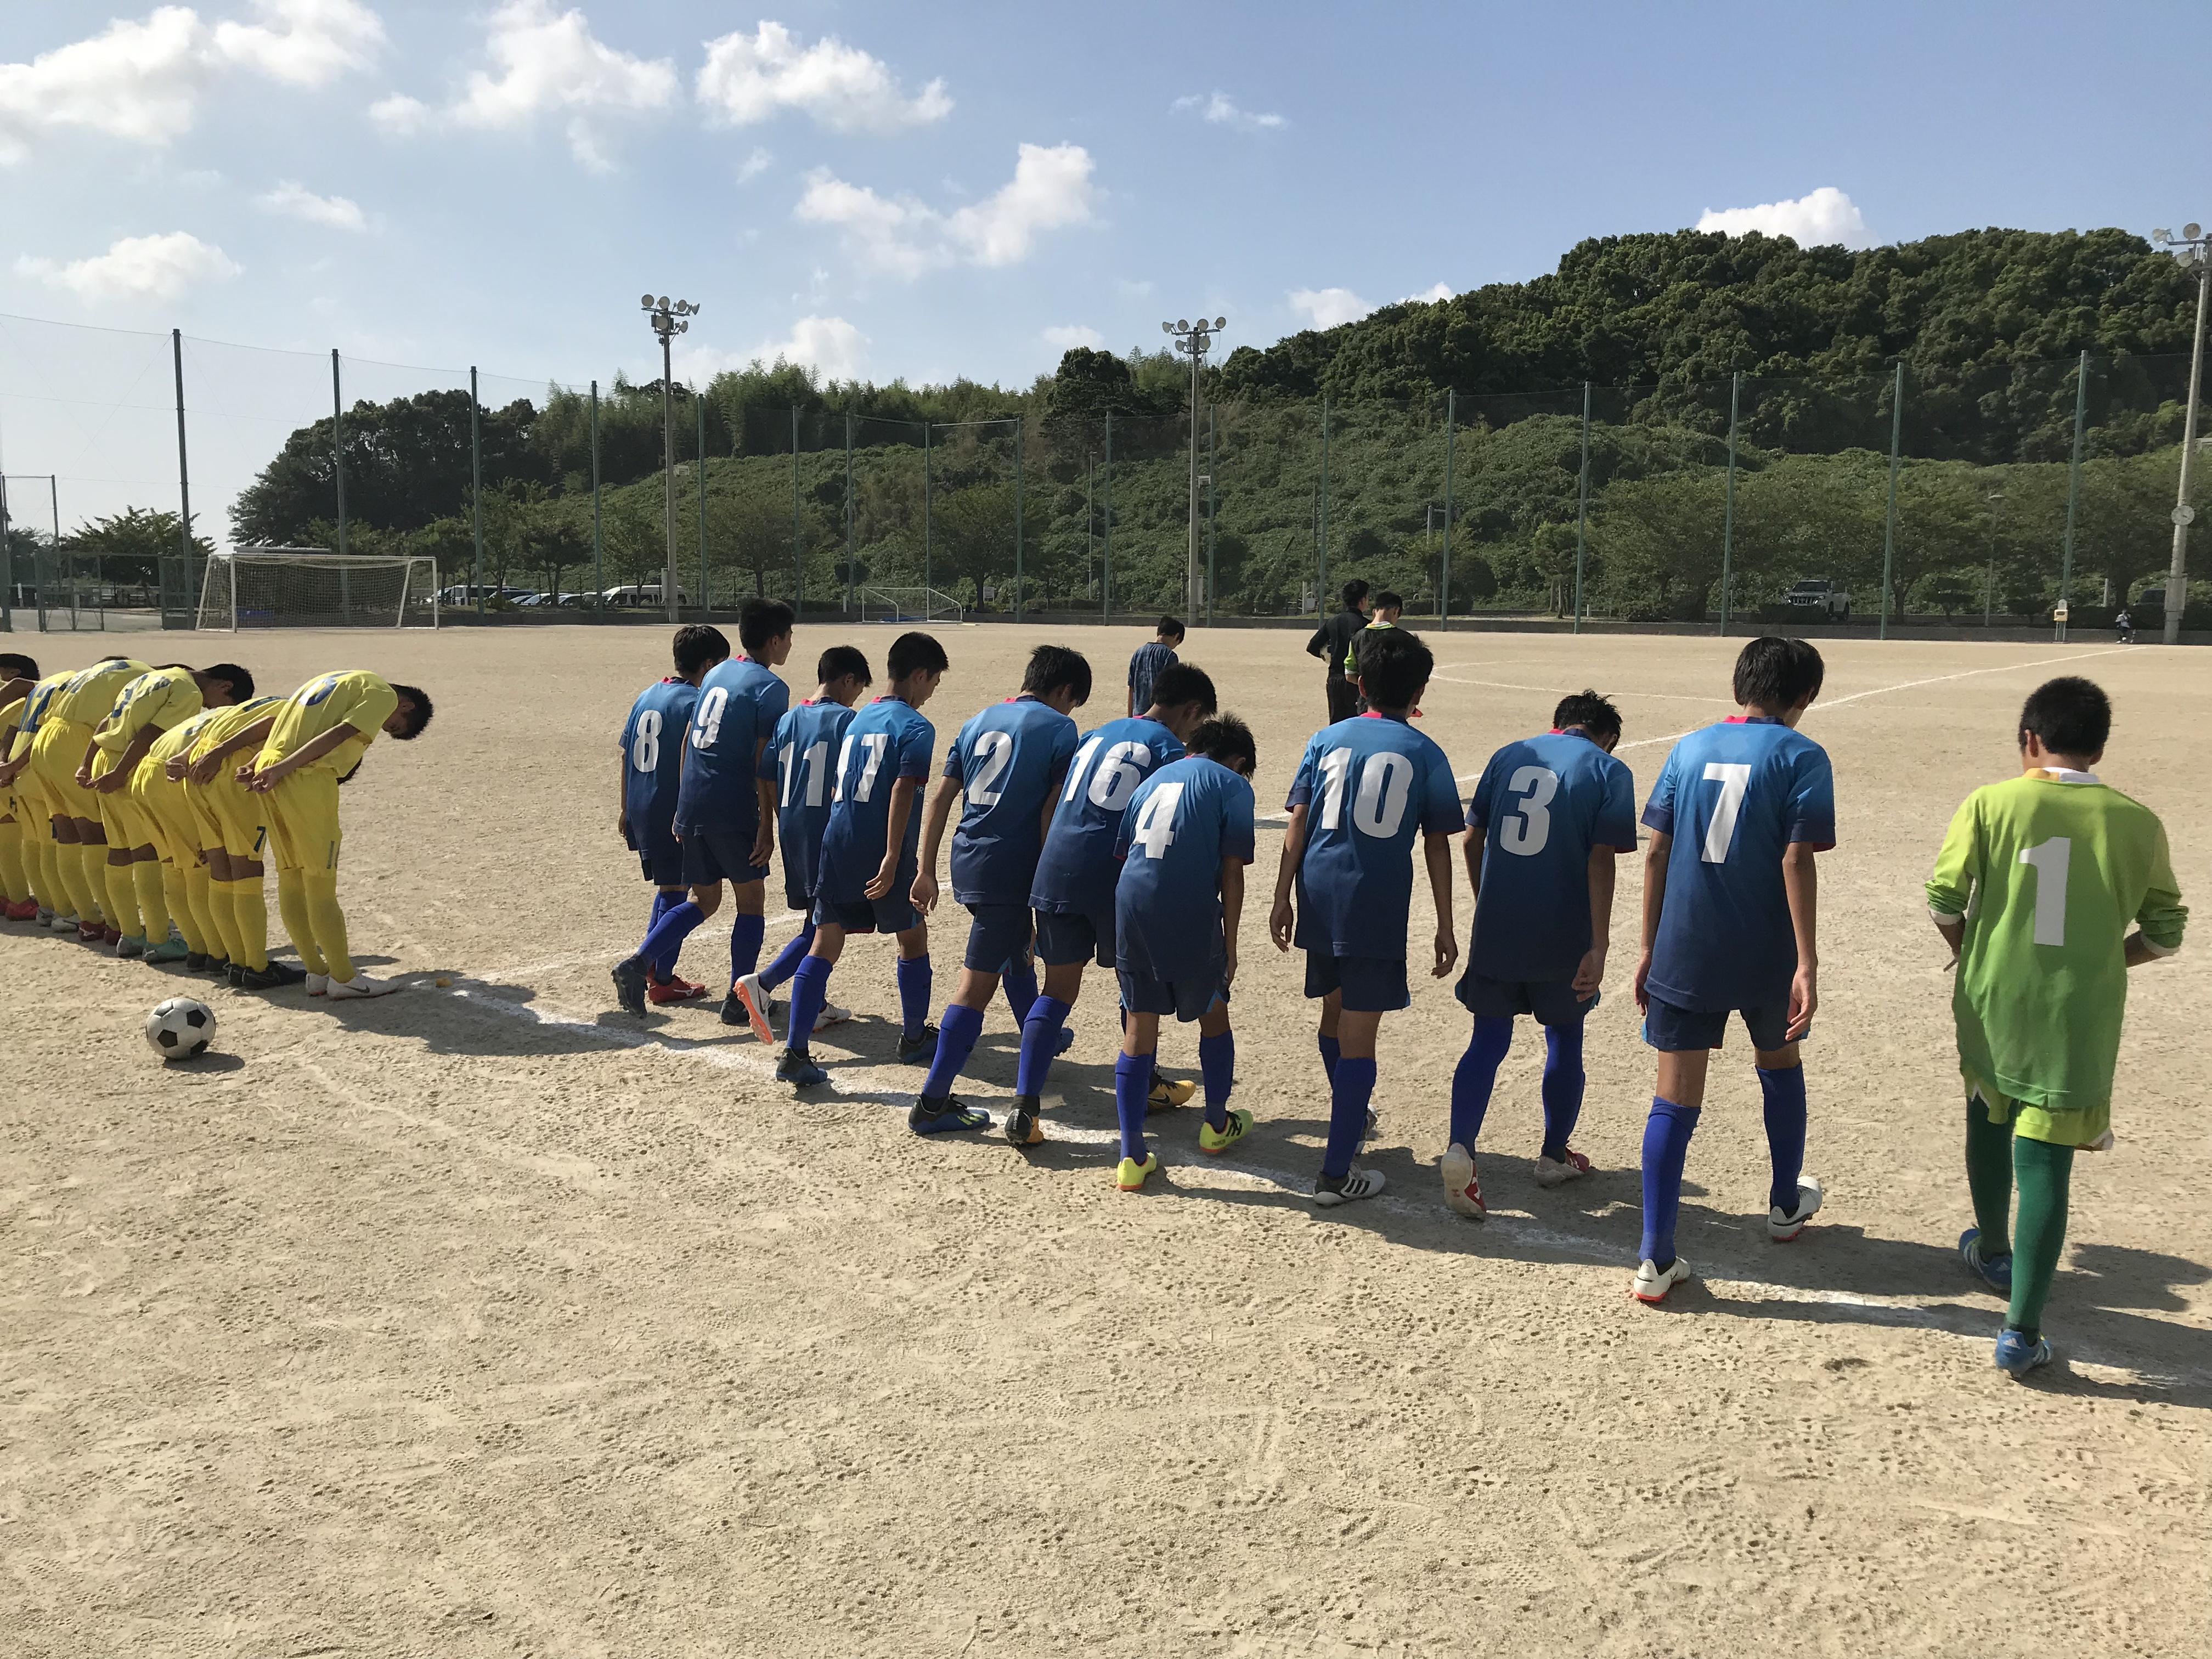 ※変更あり 今週の試合予定【8月4日(土)、8月5日(日)、8月8日(水)】